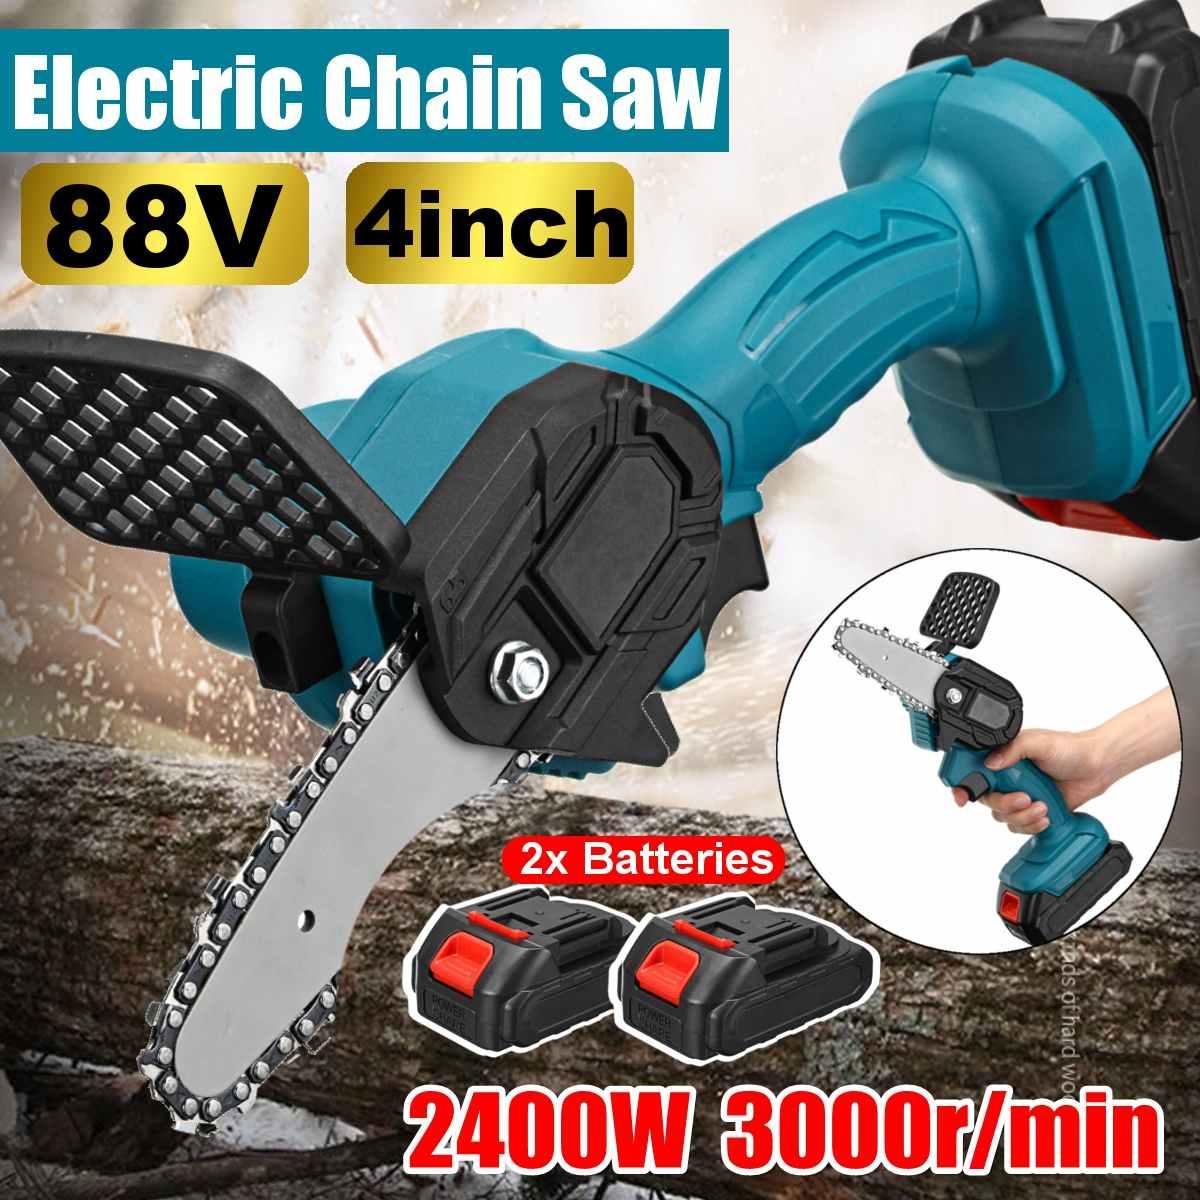 88Vf sans fil Portable Rechargeable pour Makita batterie électrique taille scie Mini travail du bois une main jardin coupe scie